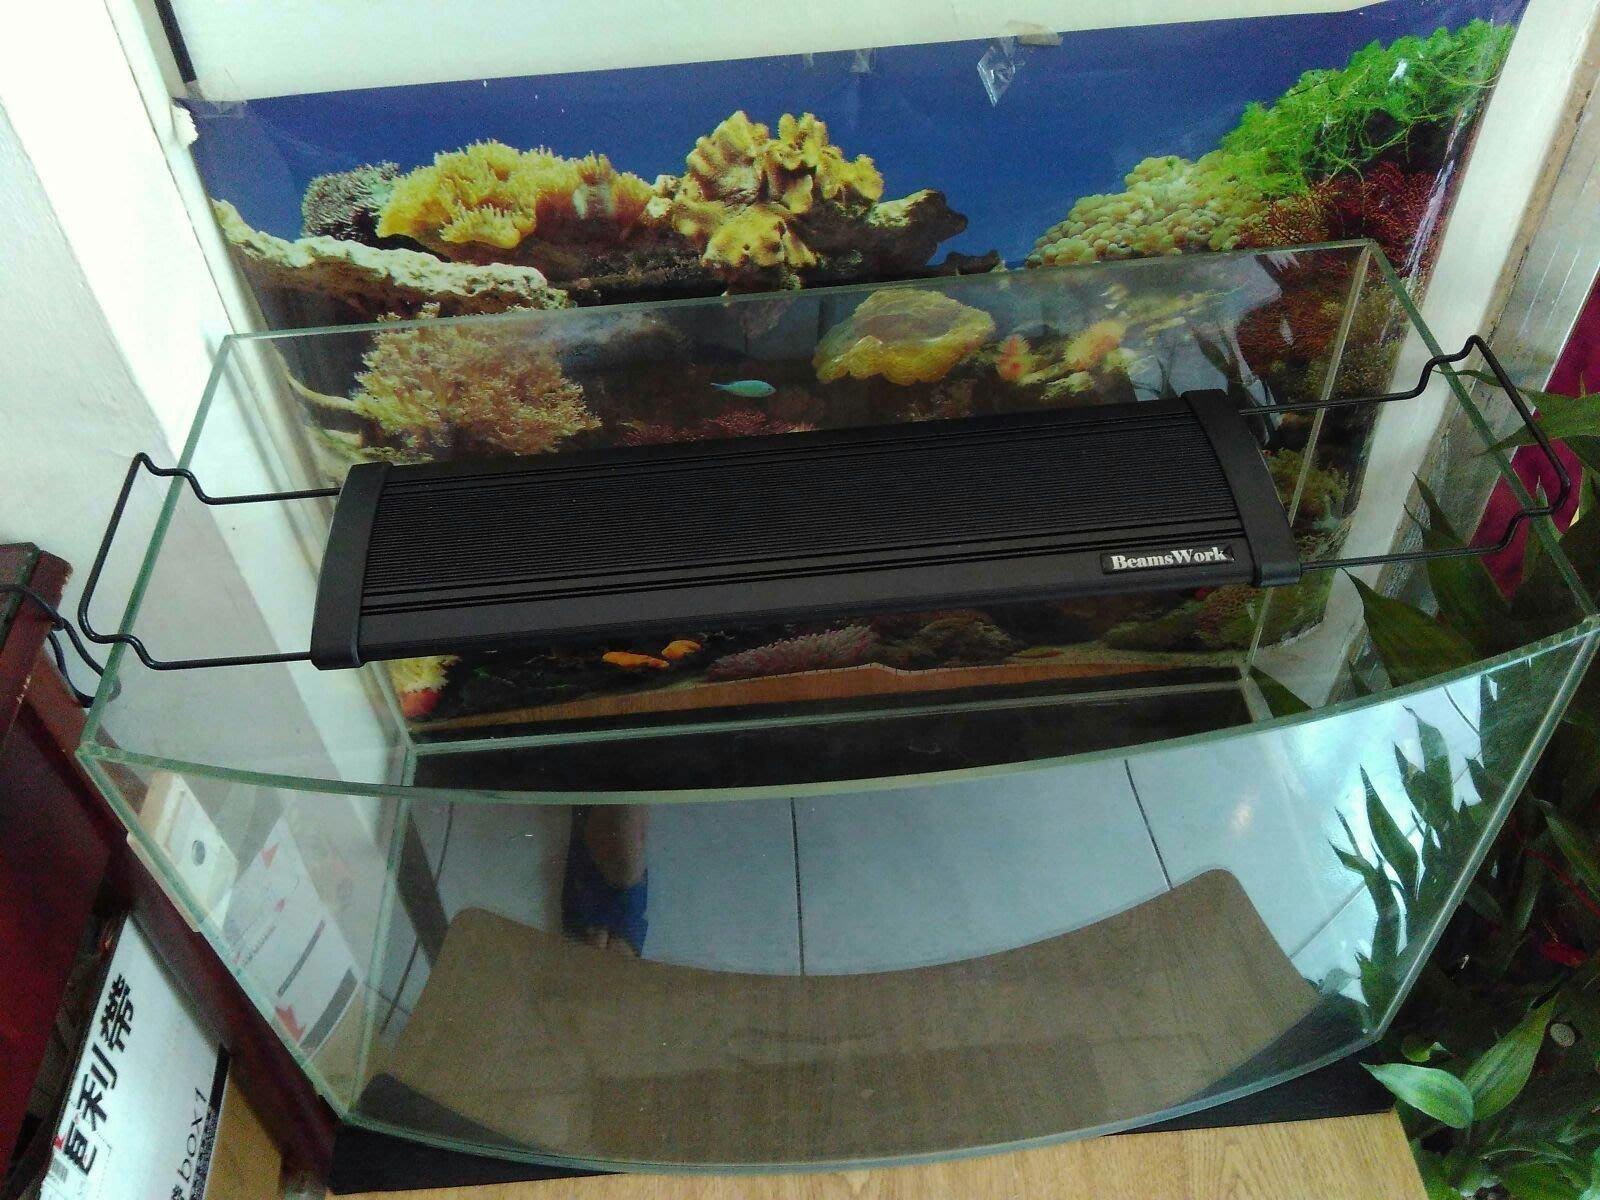 二手二尺魚缸 套缸 含全新燈具 ,   碎石頭,小石頭 魚缸加熱棒 king kong heater HT100